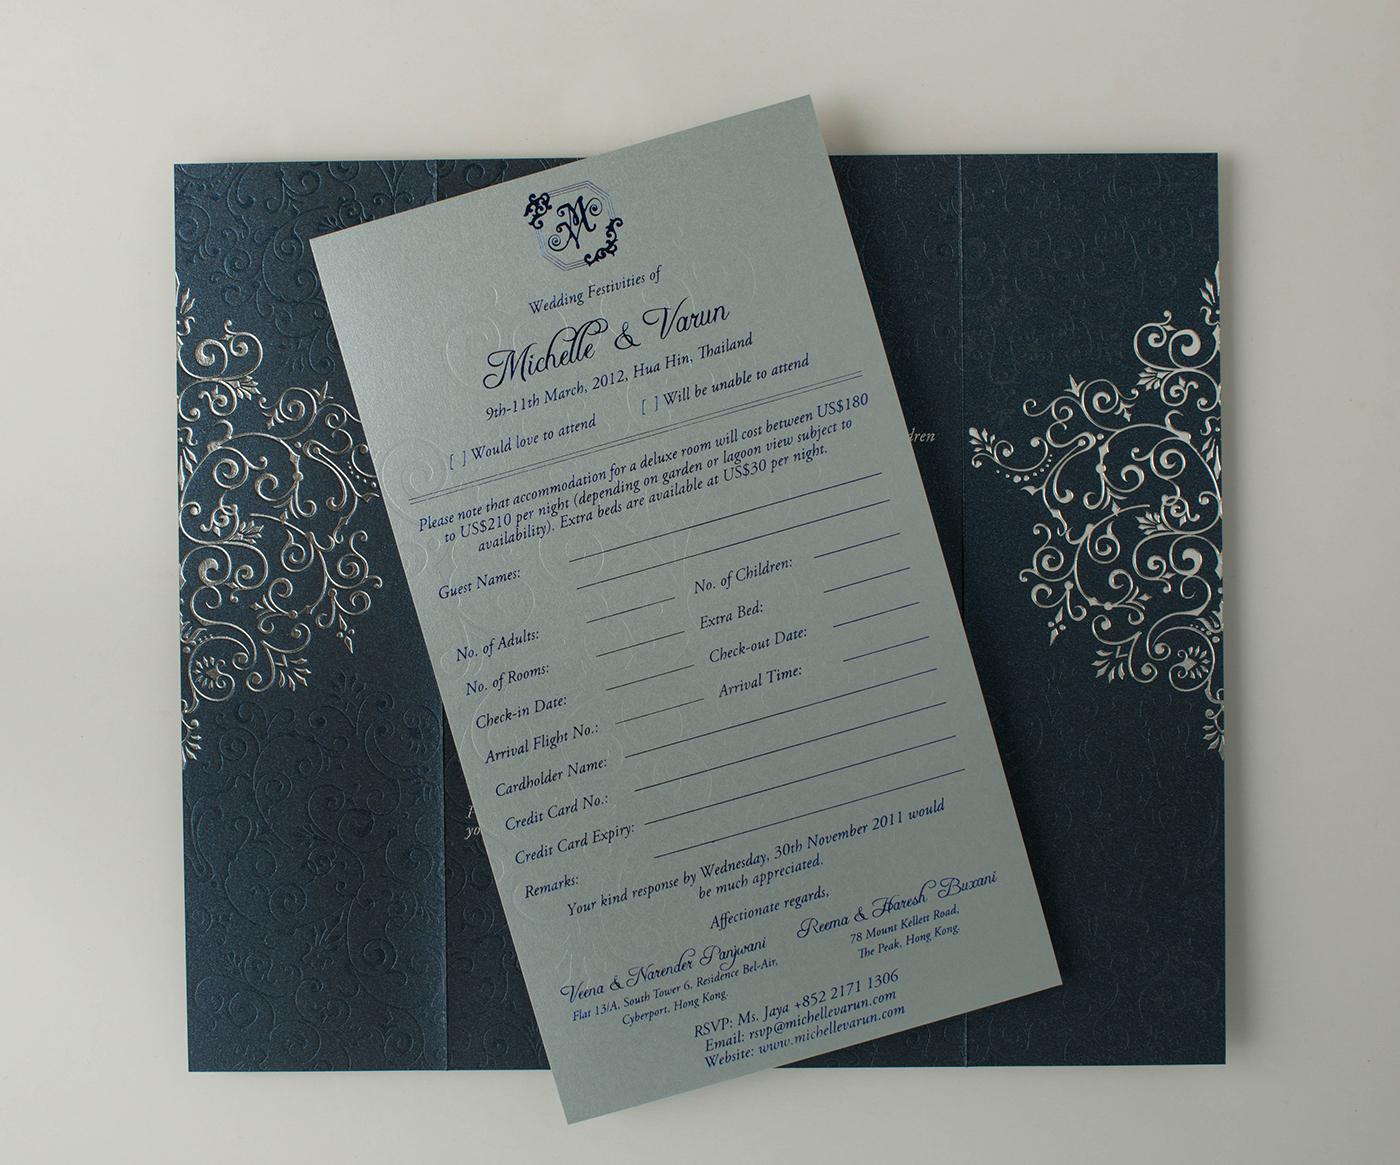 Wedding Invitation Michelle Varun On Behance